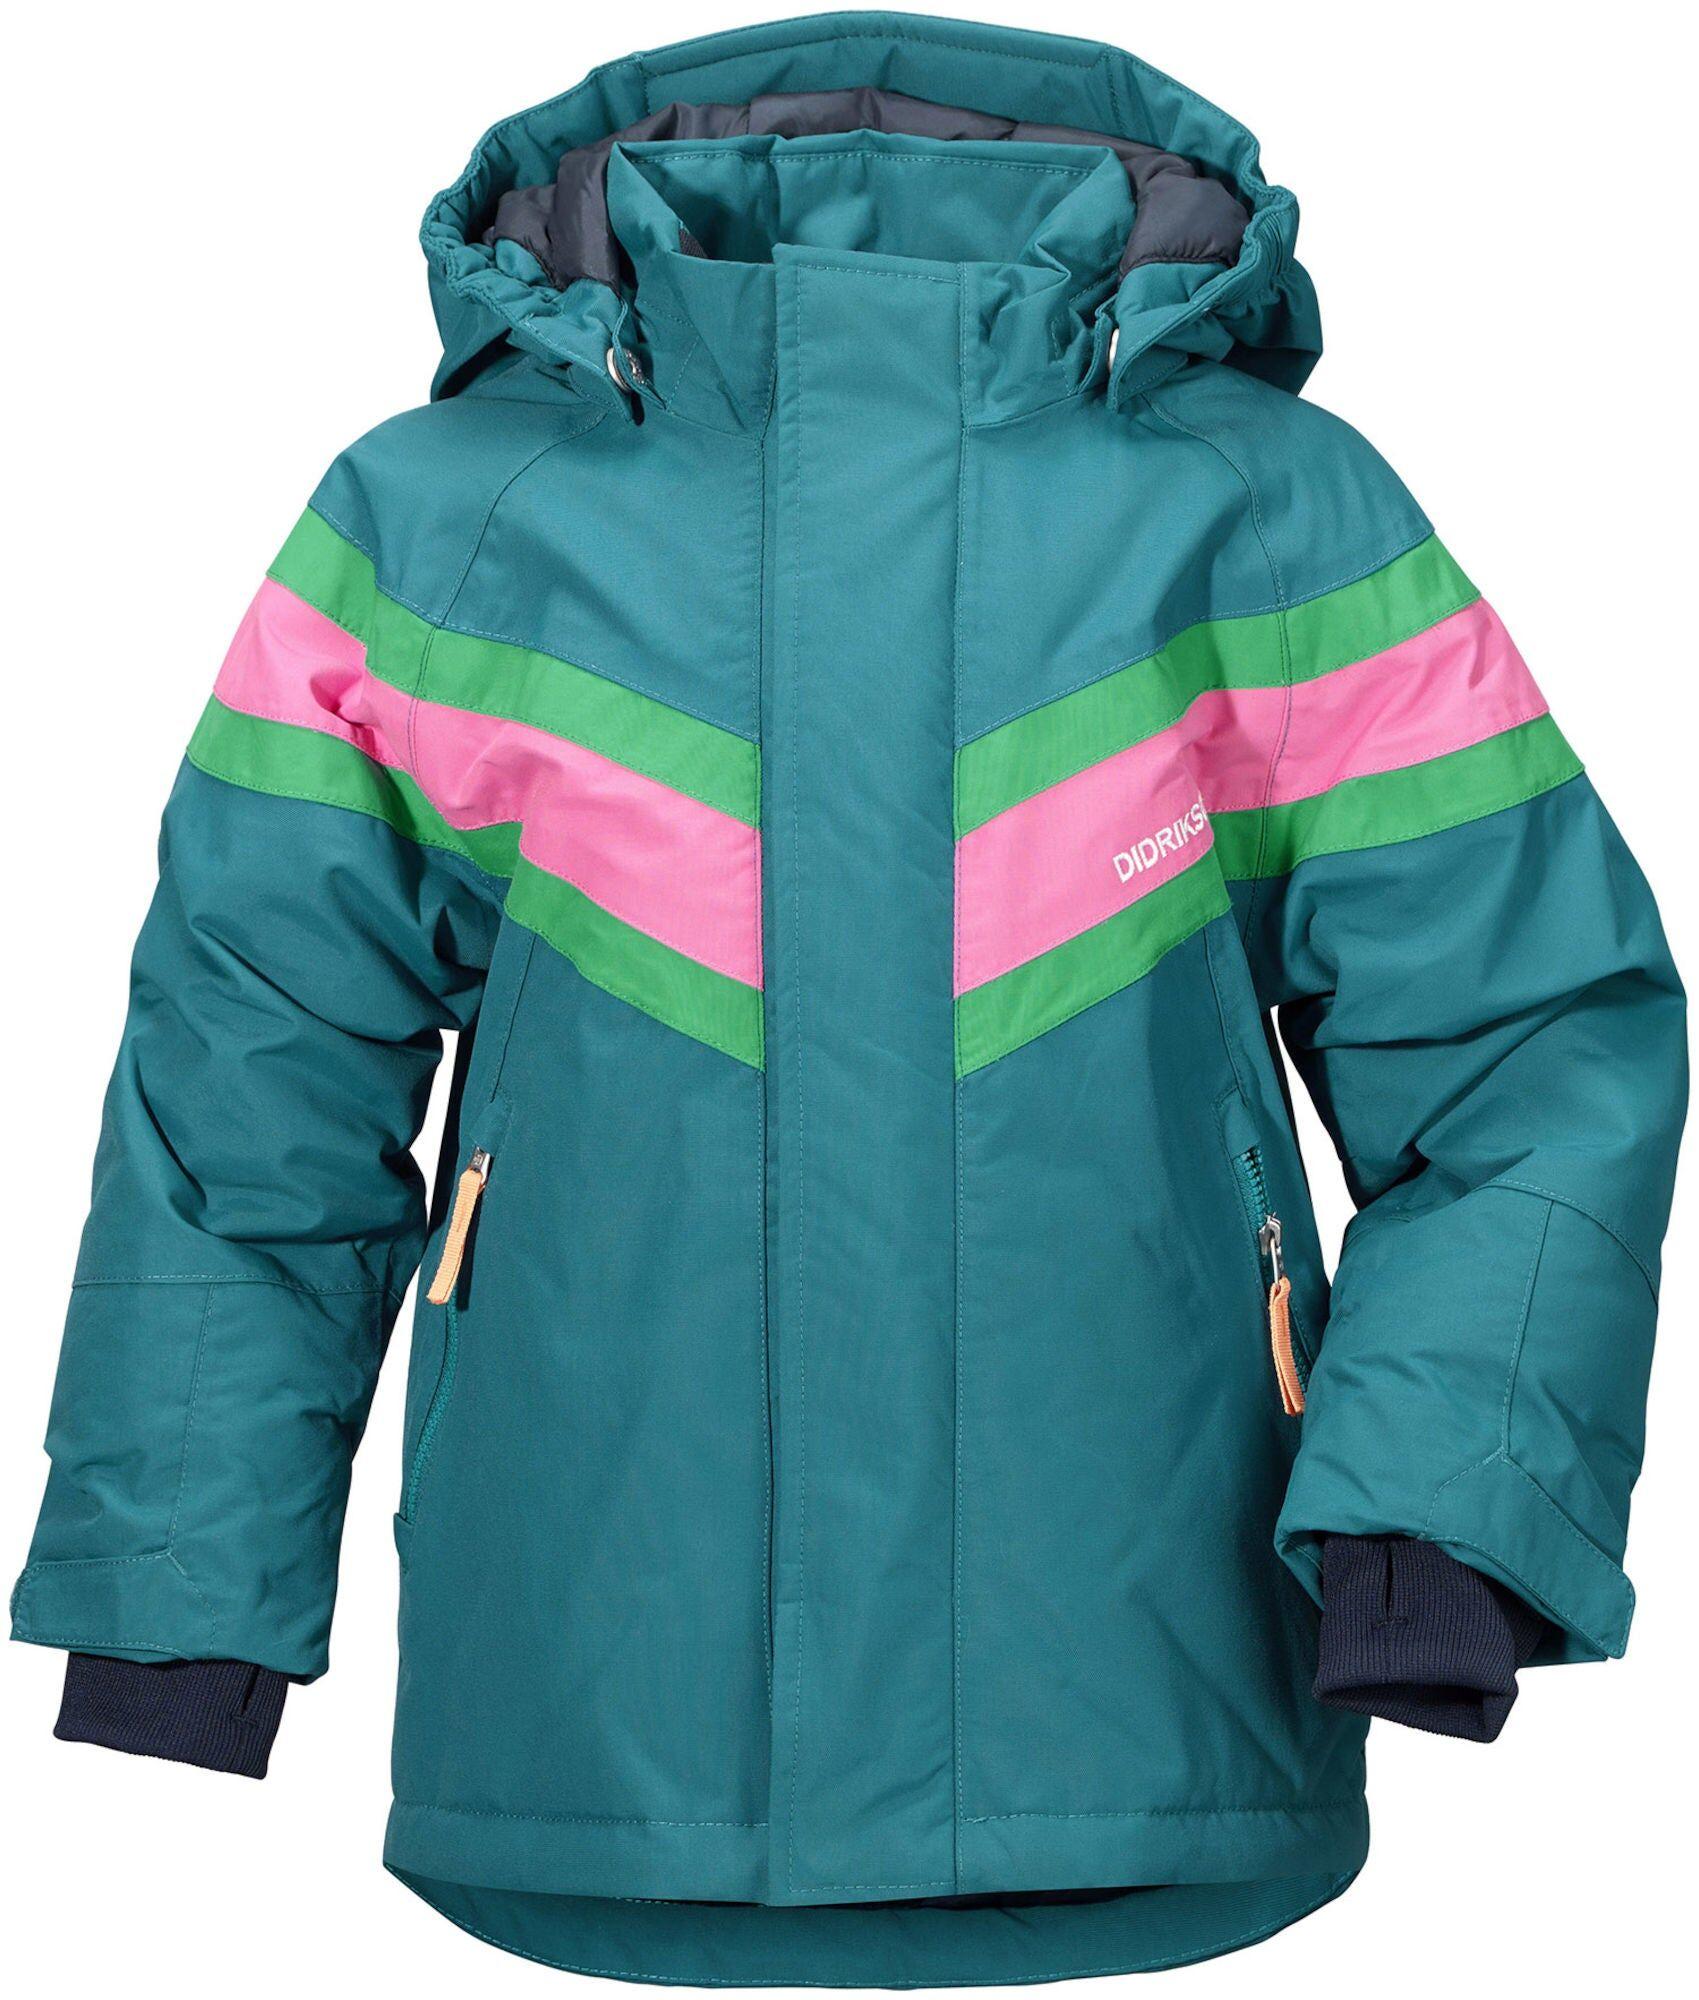 d4e4975e Leter du etter Barneklær Didriksons-jakke? | Sammenlign priser på ...